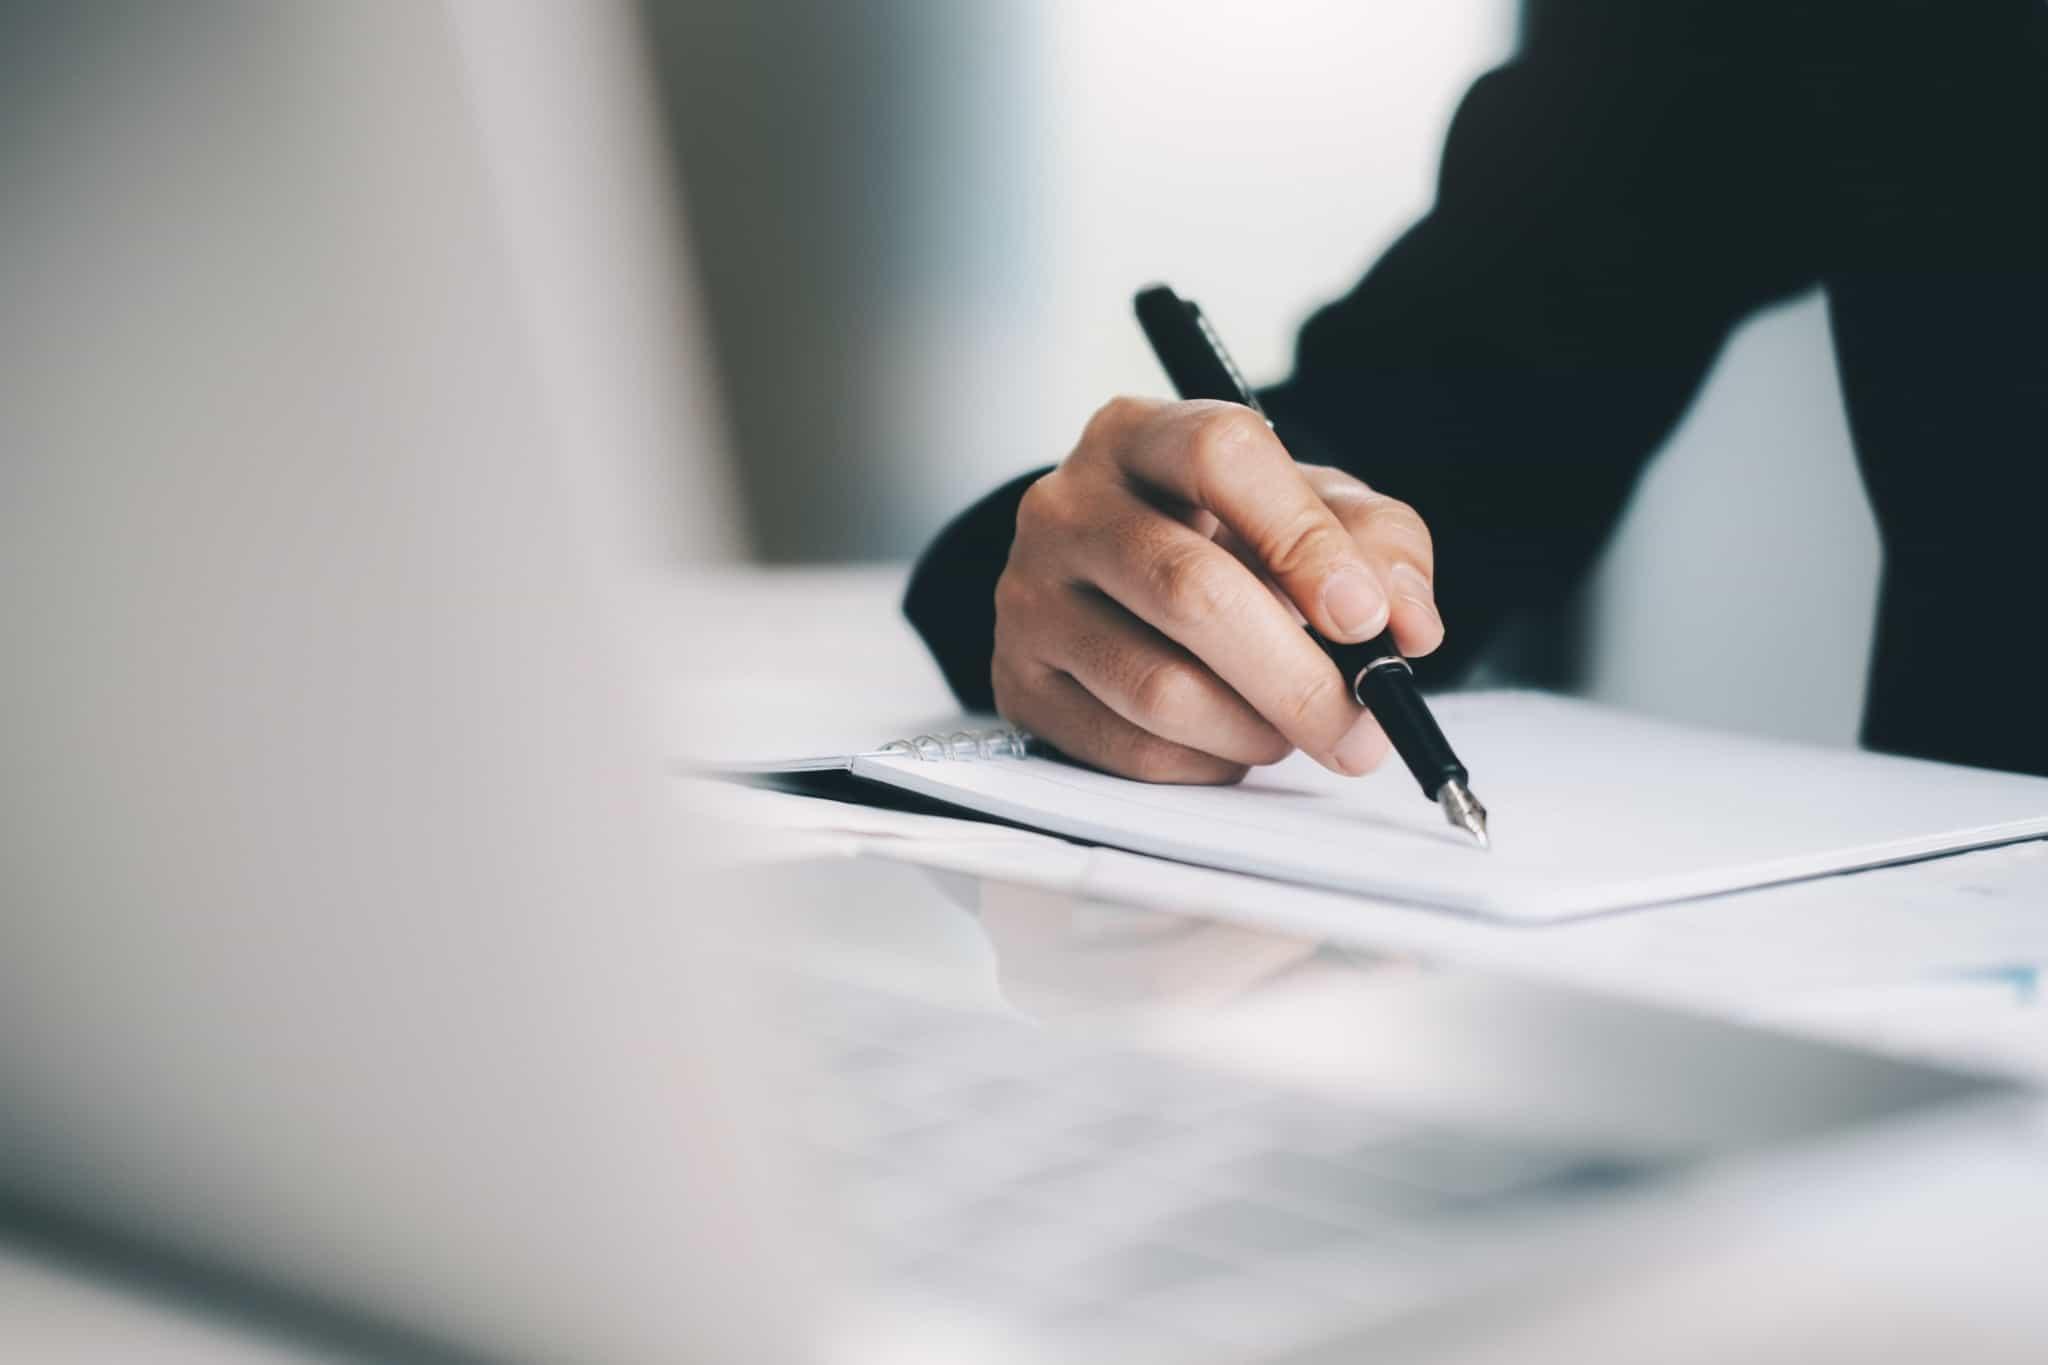 pessoa a escrever com caneta preta profissional em papel